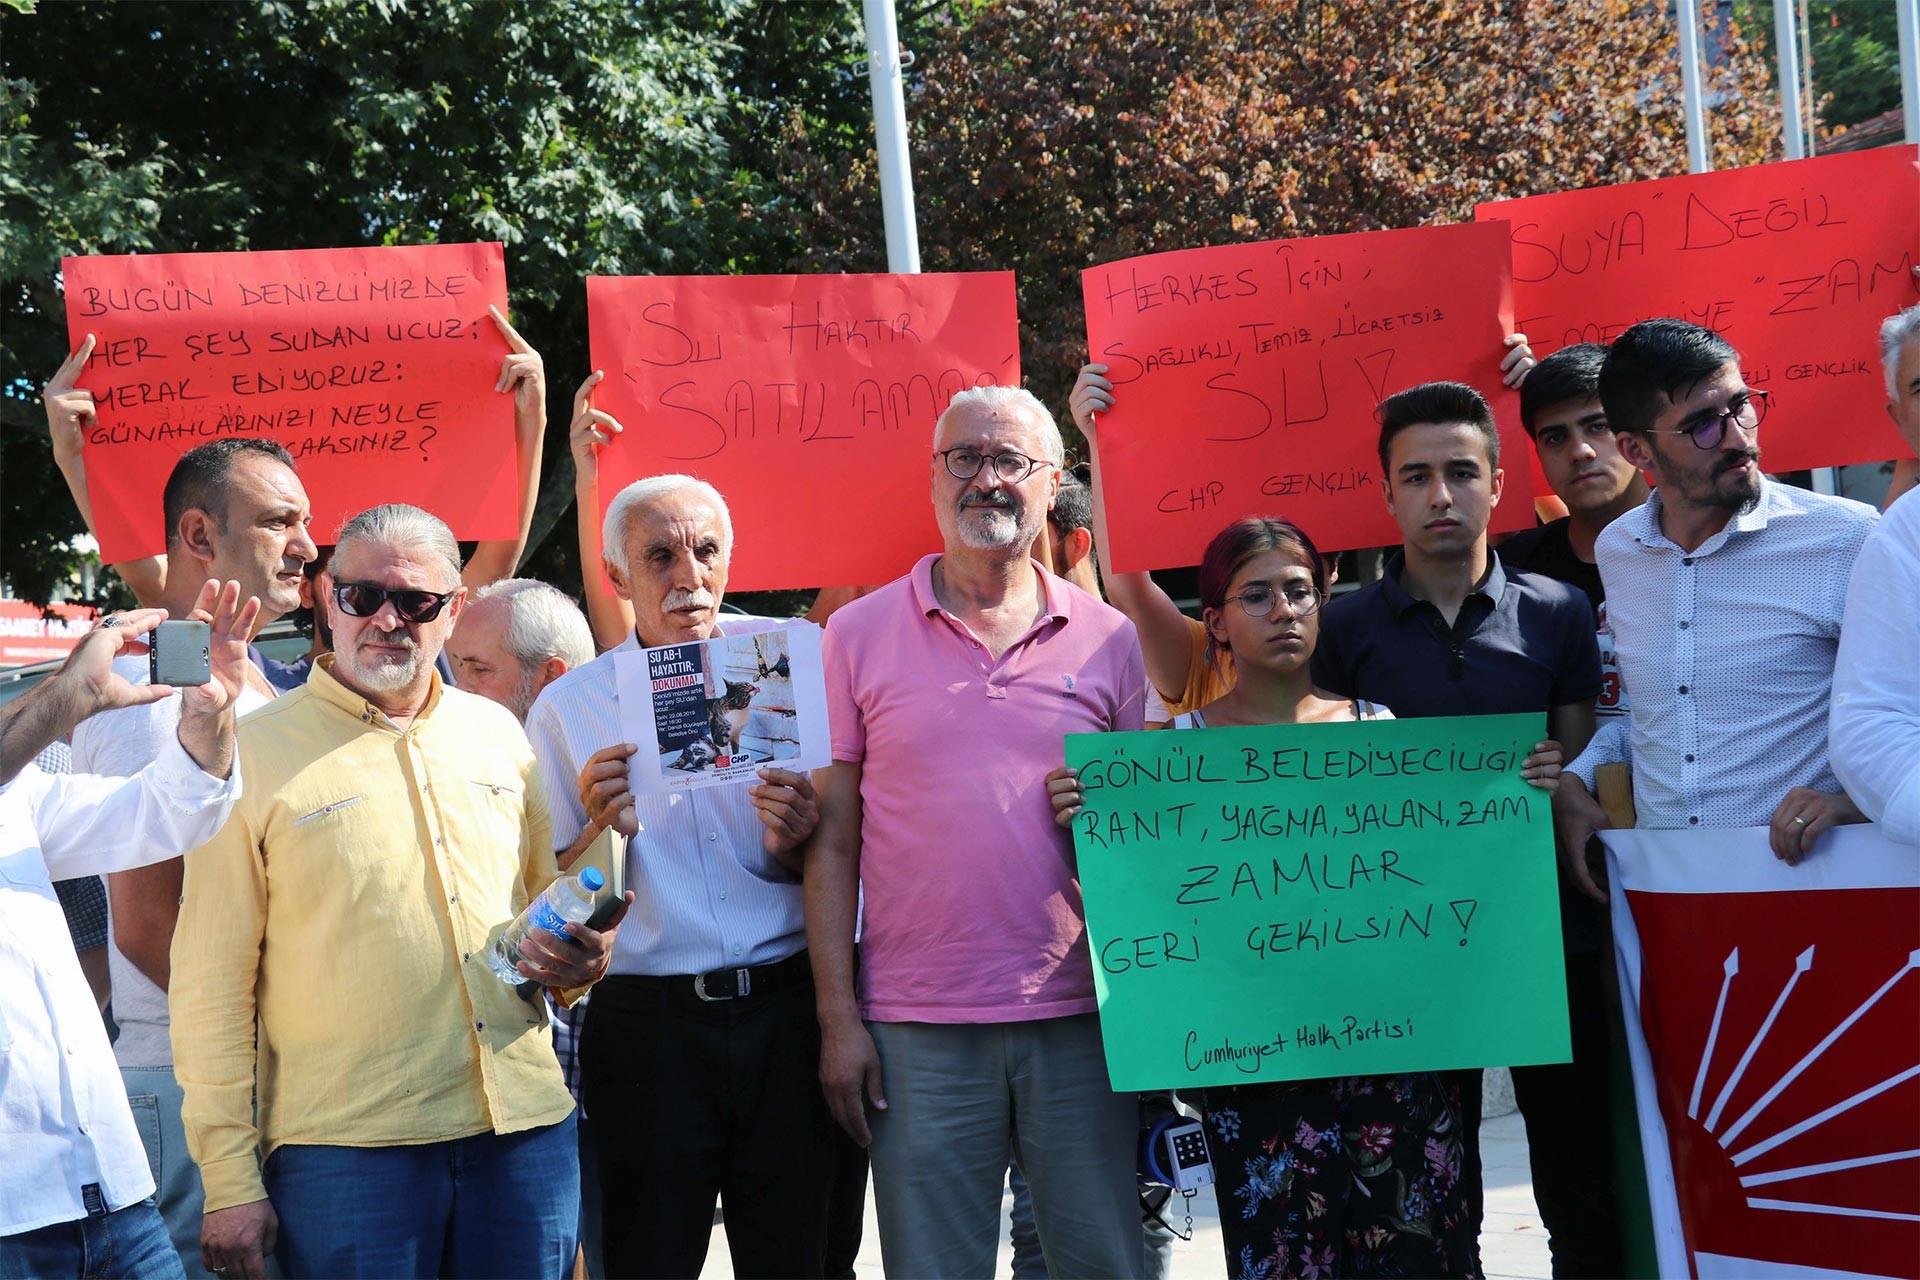 Denizli'de içme suyuna getirilen yüzde 20'lik zam protesto edildi